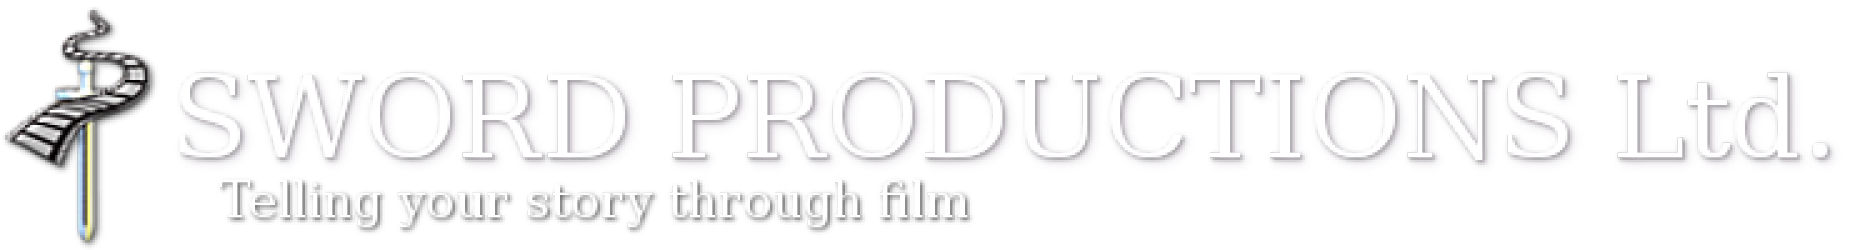 Sword Productions Ltd